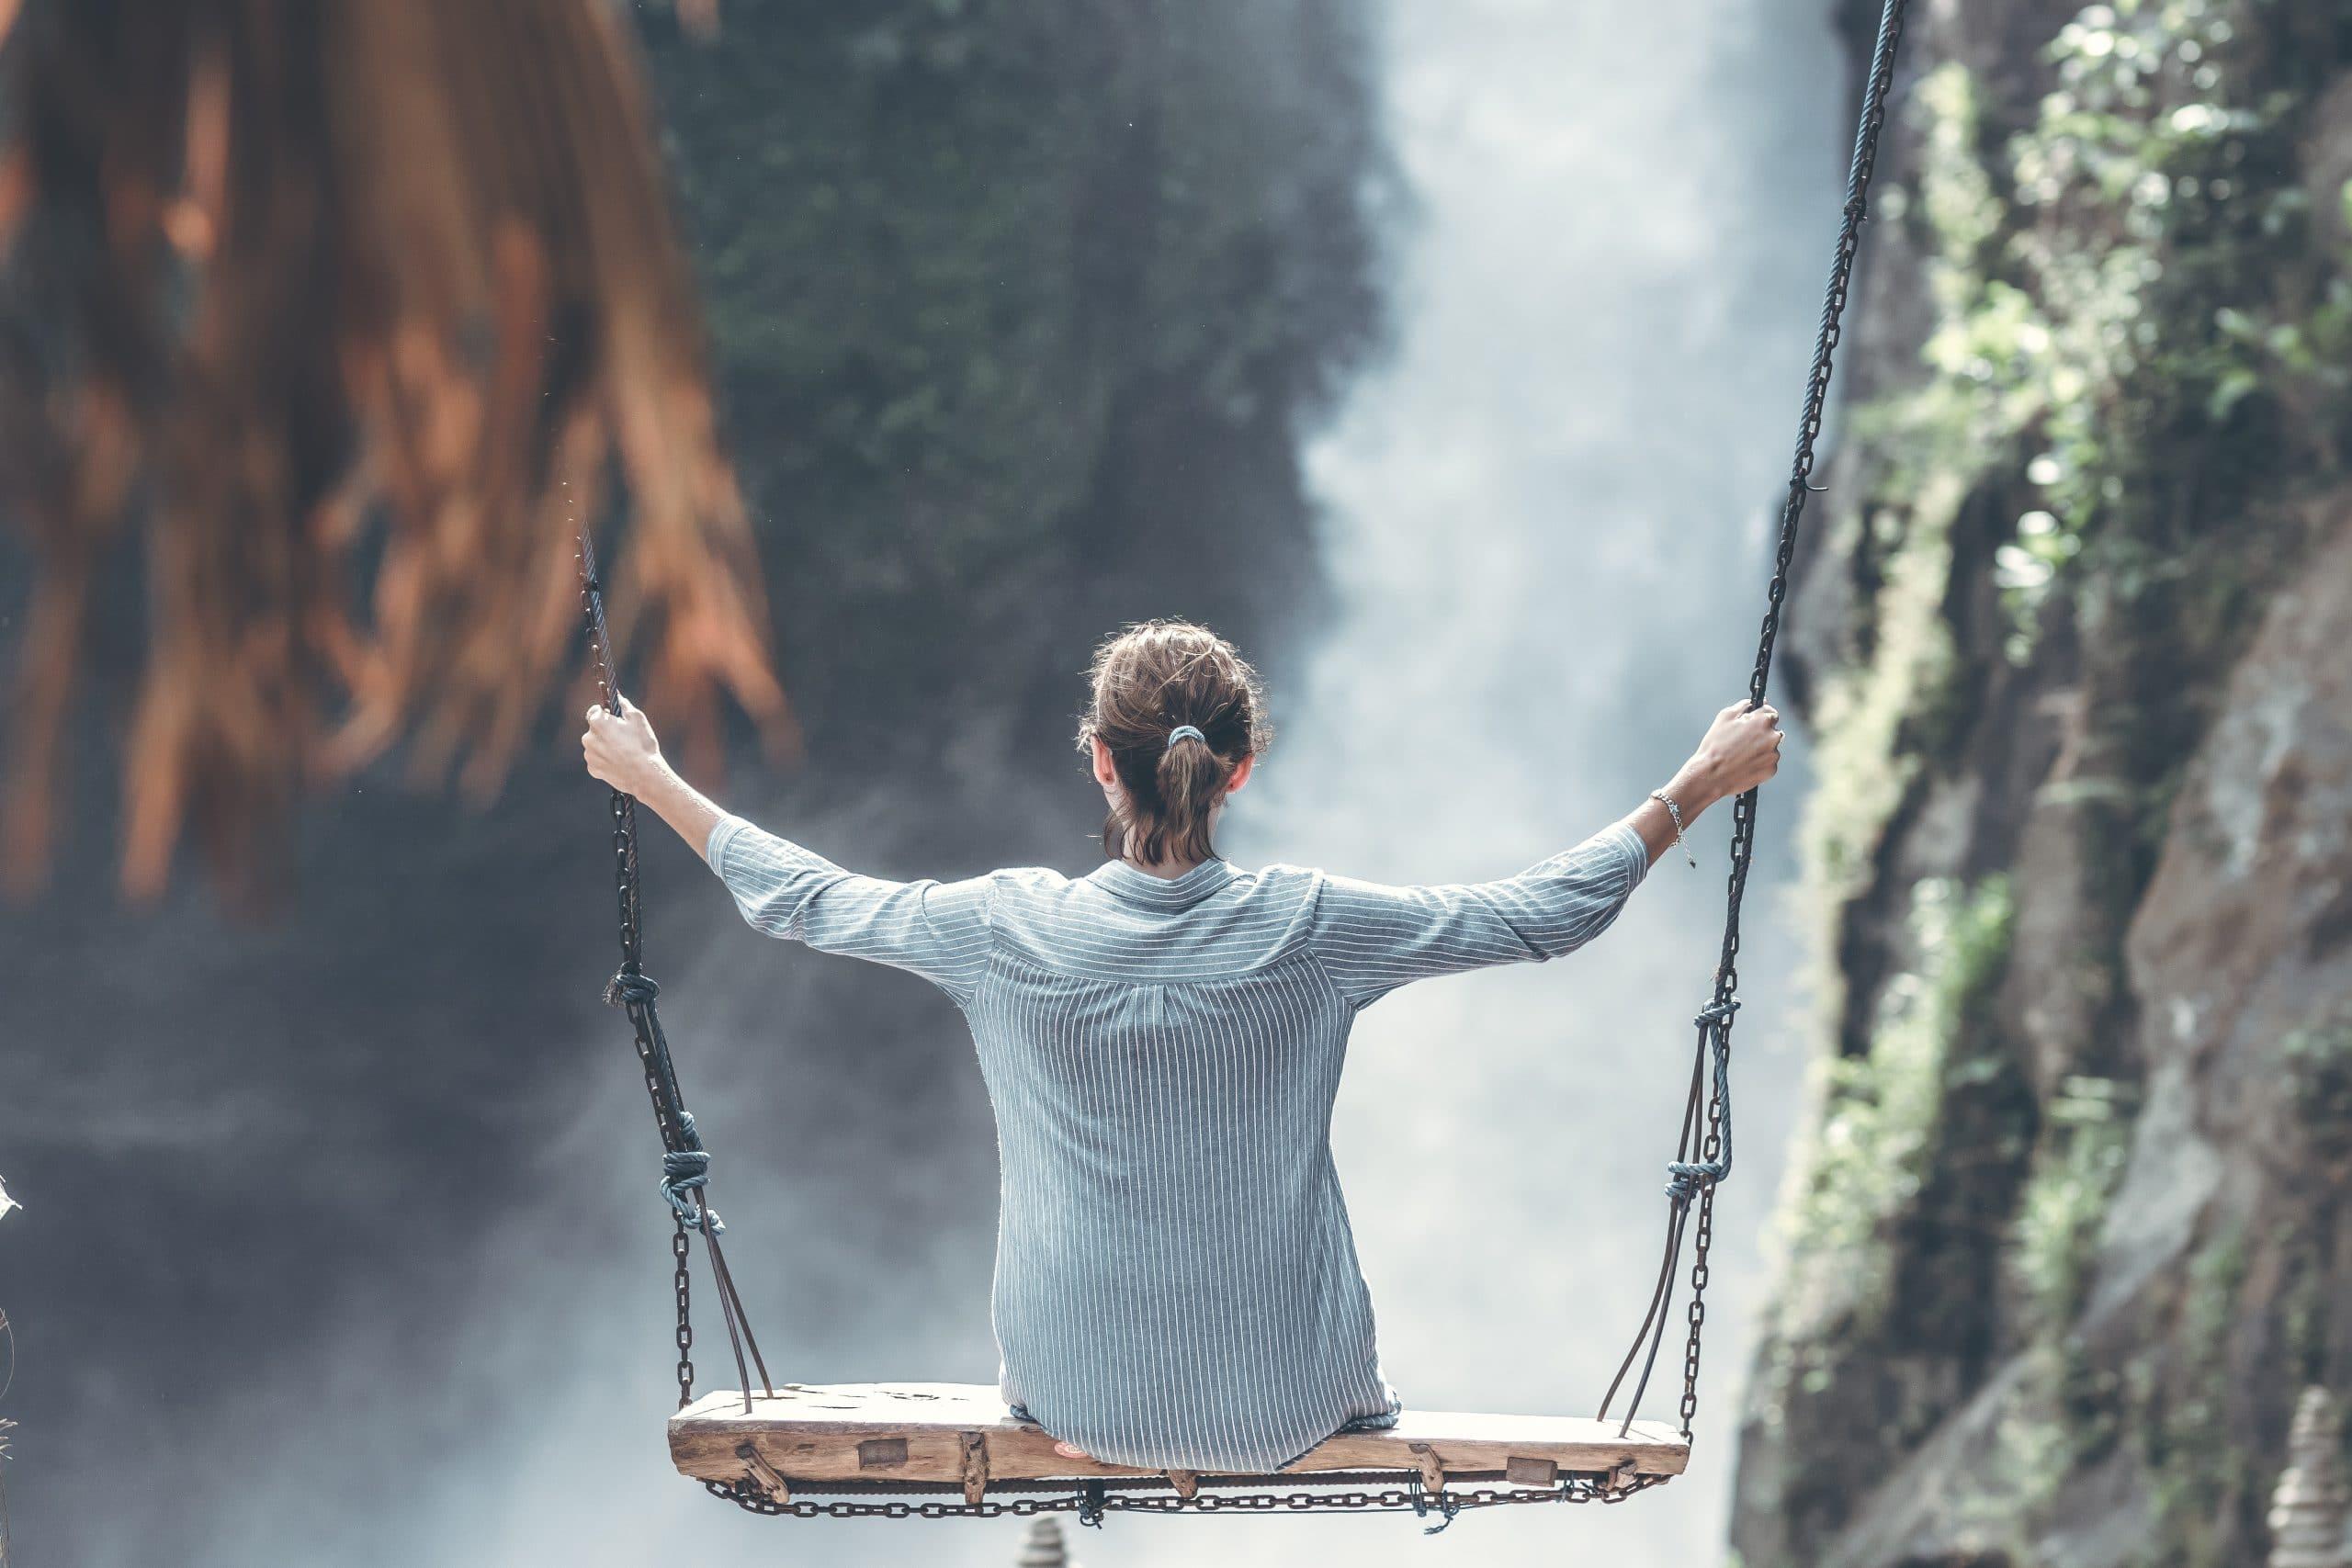 Mulher em balanço de madeira com cachoeira ao fundo